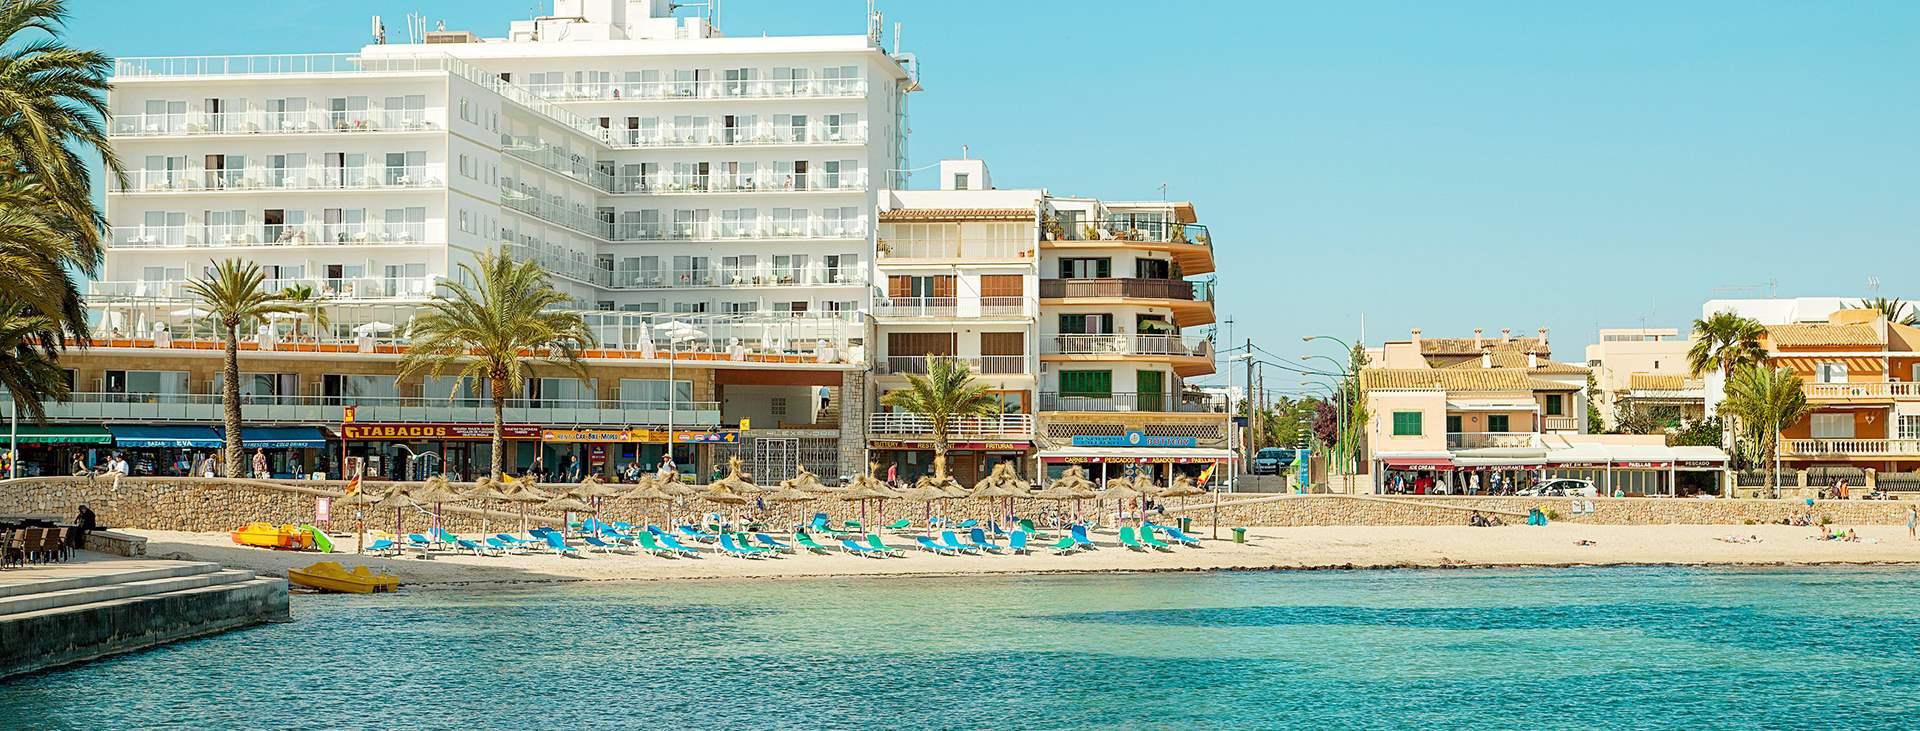 Bestill en reise til Playa de Palma på Mallorca med Ving